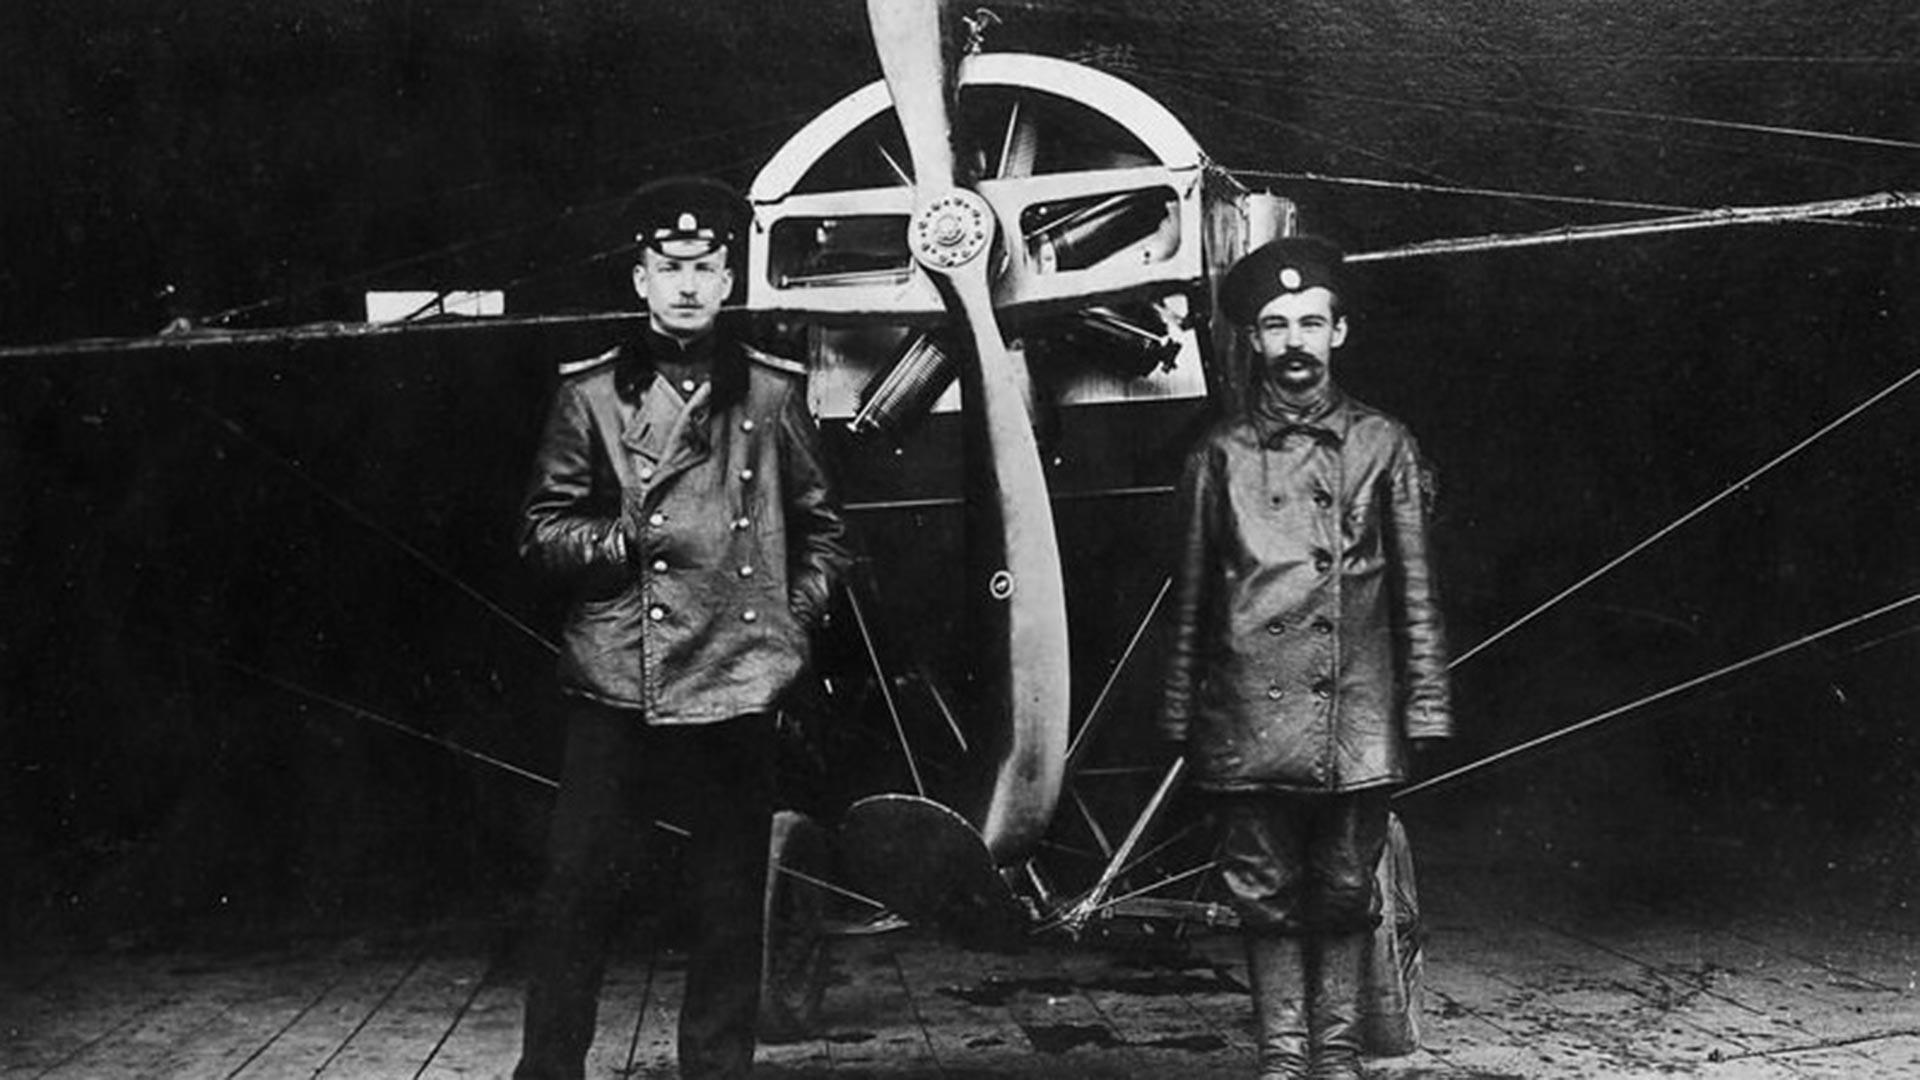 П. Н. Нестеров и его механик Г. М. Нелидов у самолёта «Ньюпор».